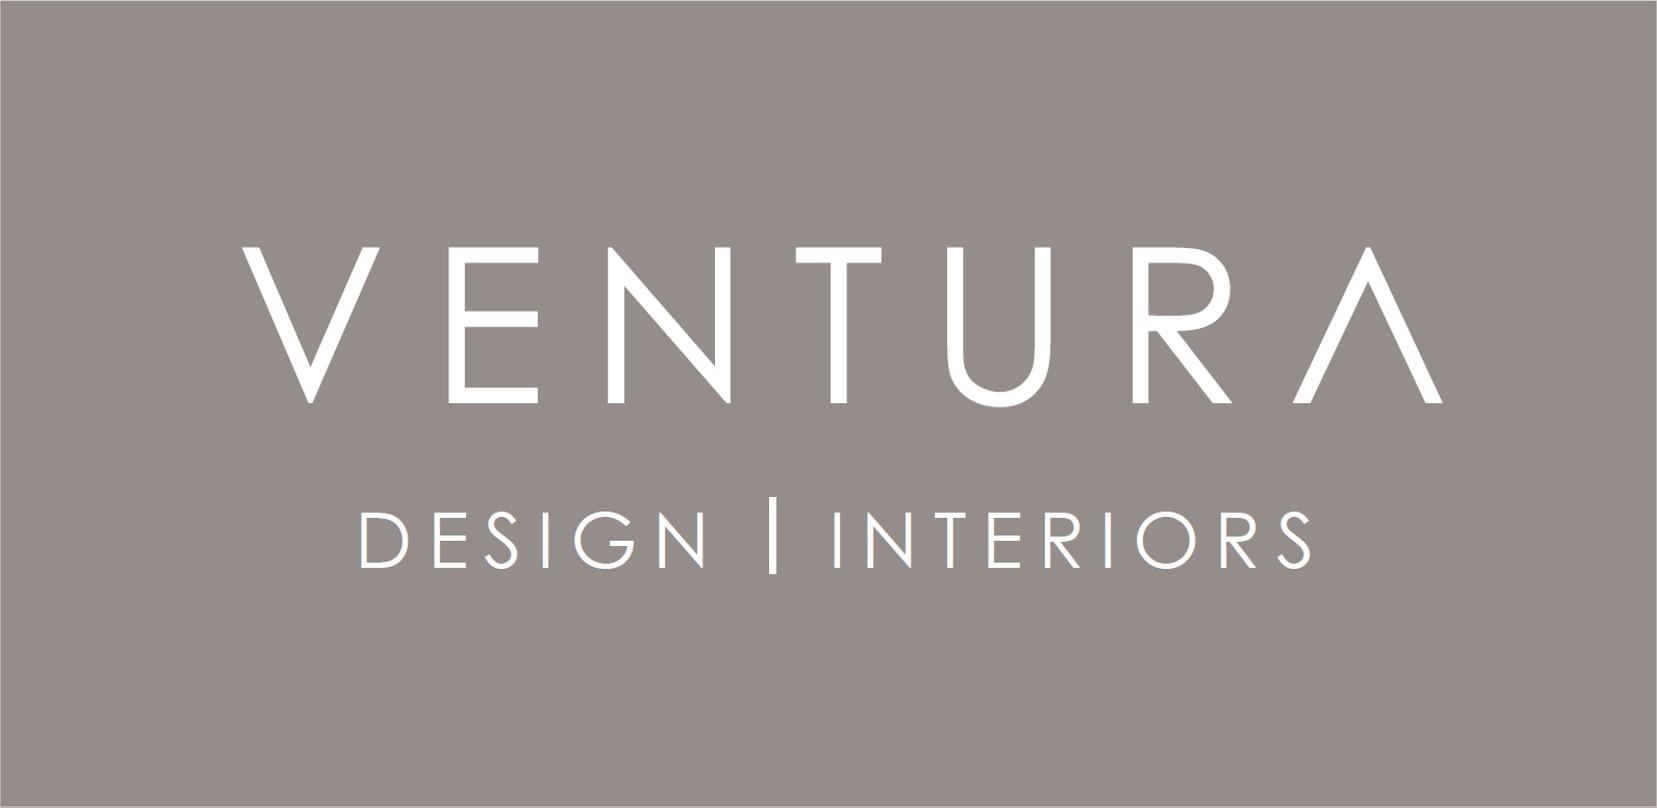 Ventura Design